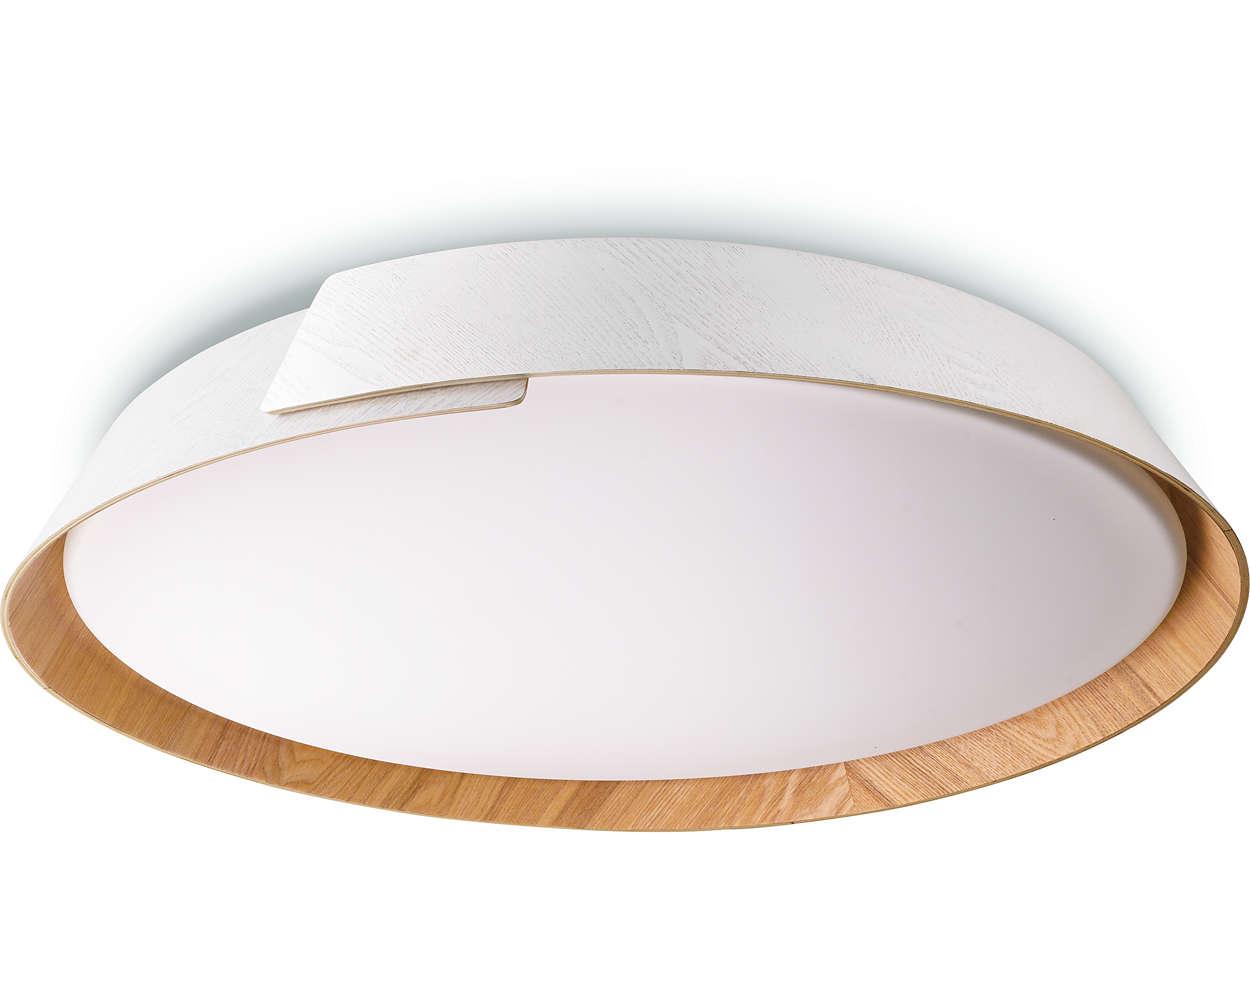 ceiling light 4902031c1 philips. Black Bedroom Furniture Sets. Home Design Ideas